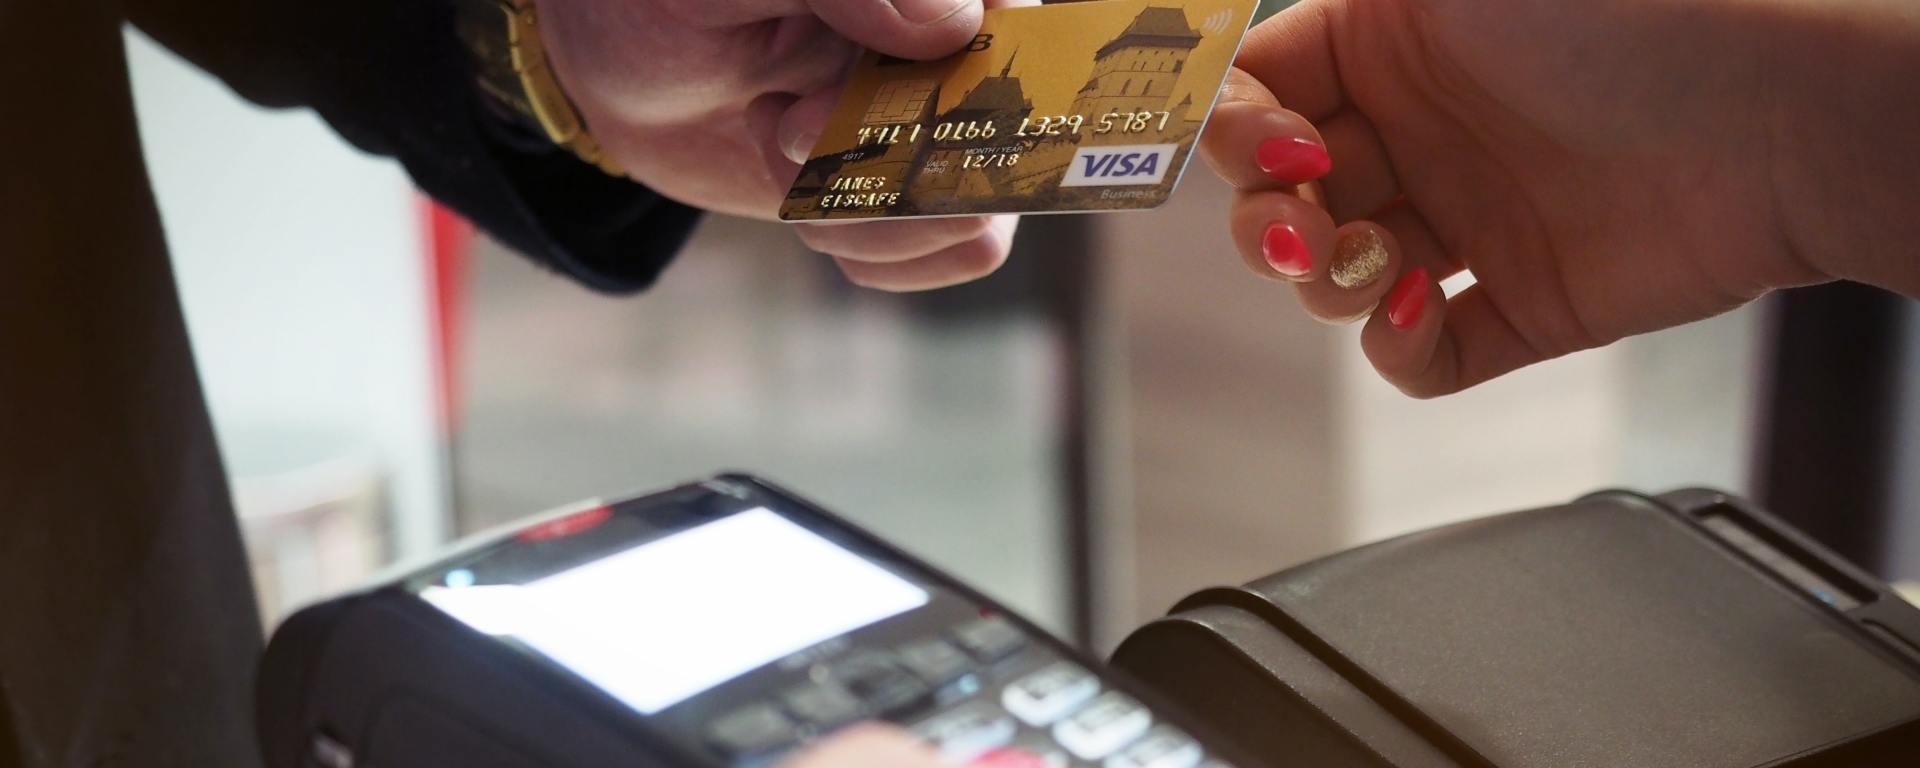 Palmera Villas Payment